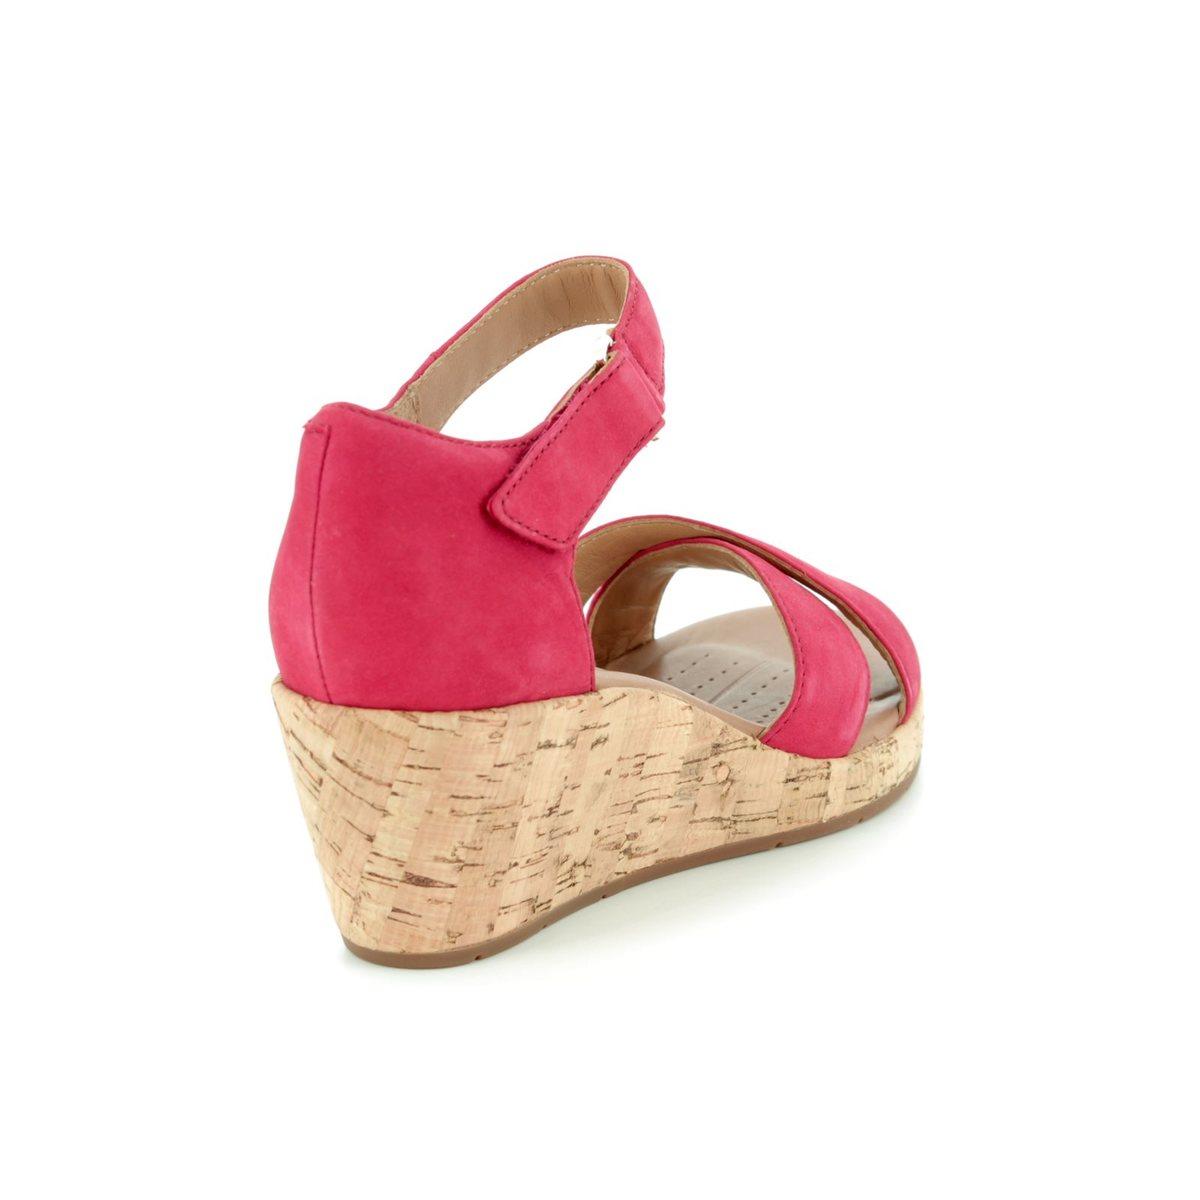 31a3ef82b3e Clarks Wedge Sandals - Red - 3232 74D UN PLAZA CROSS